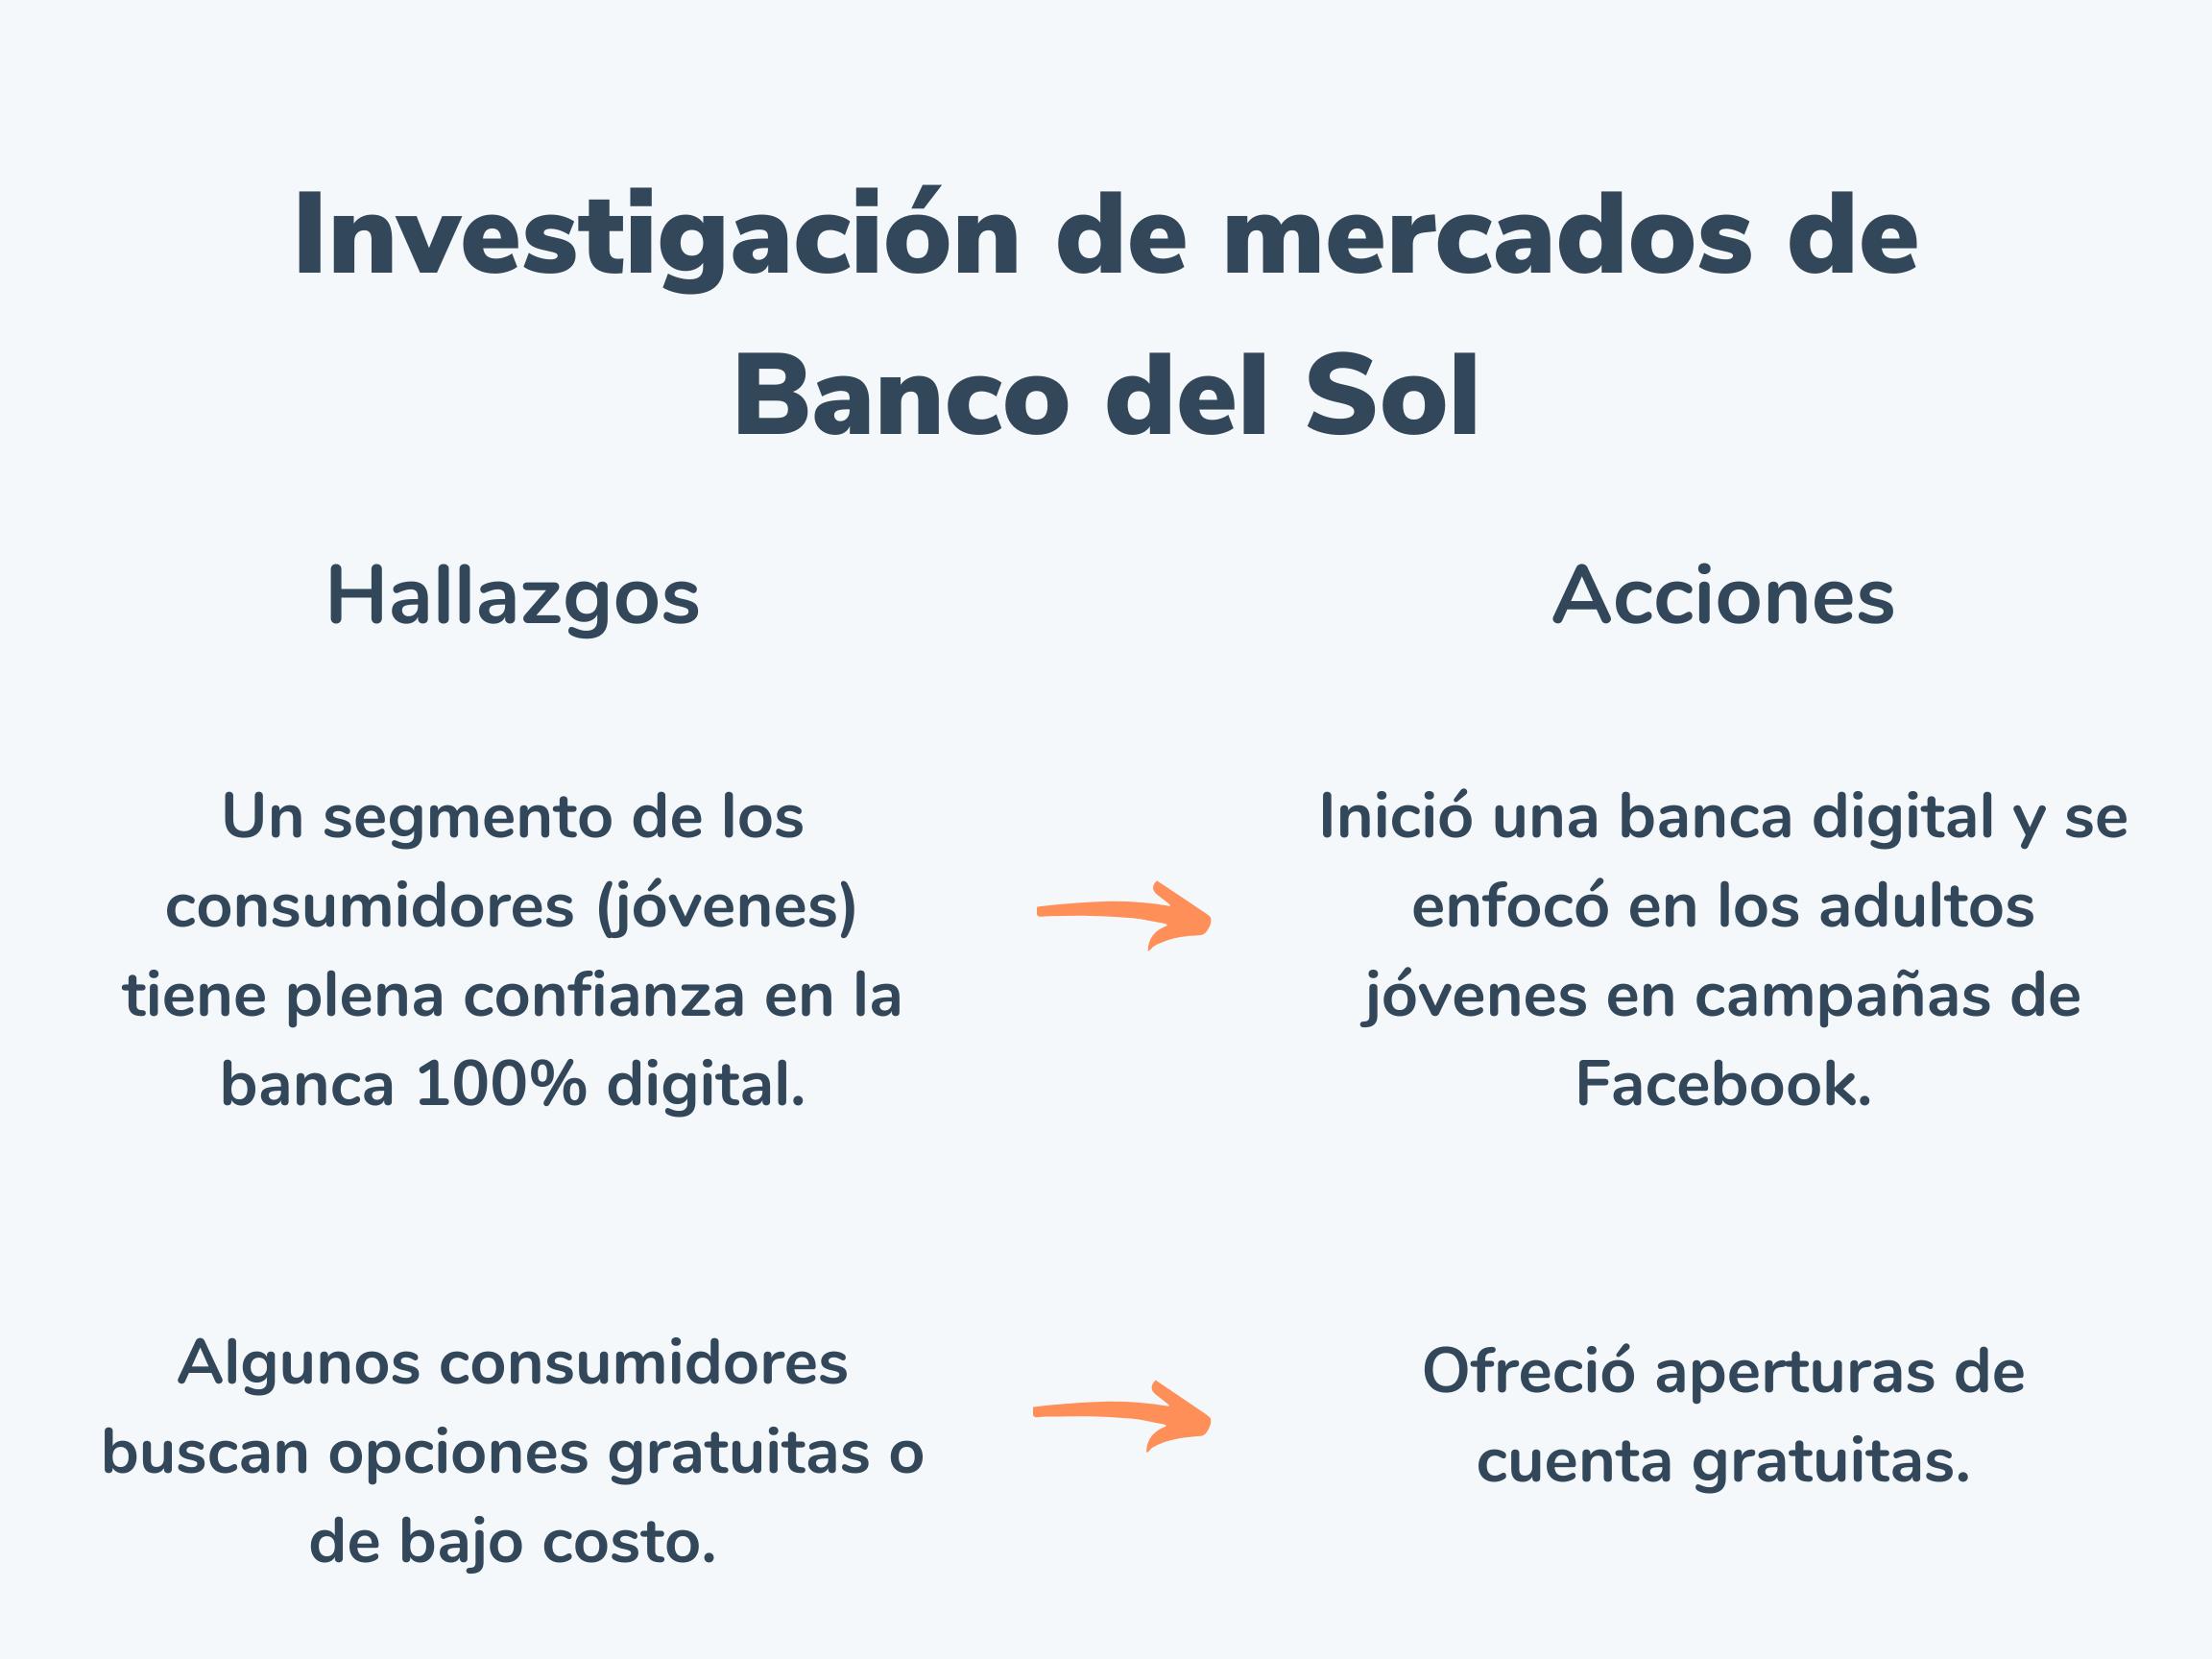 Ejemplo de estudio de mercados de Banco del Sol